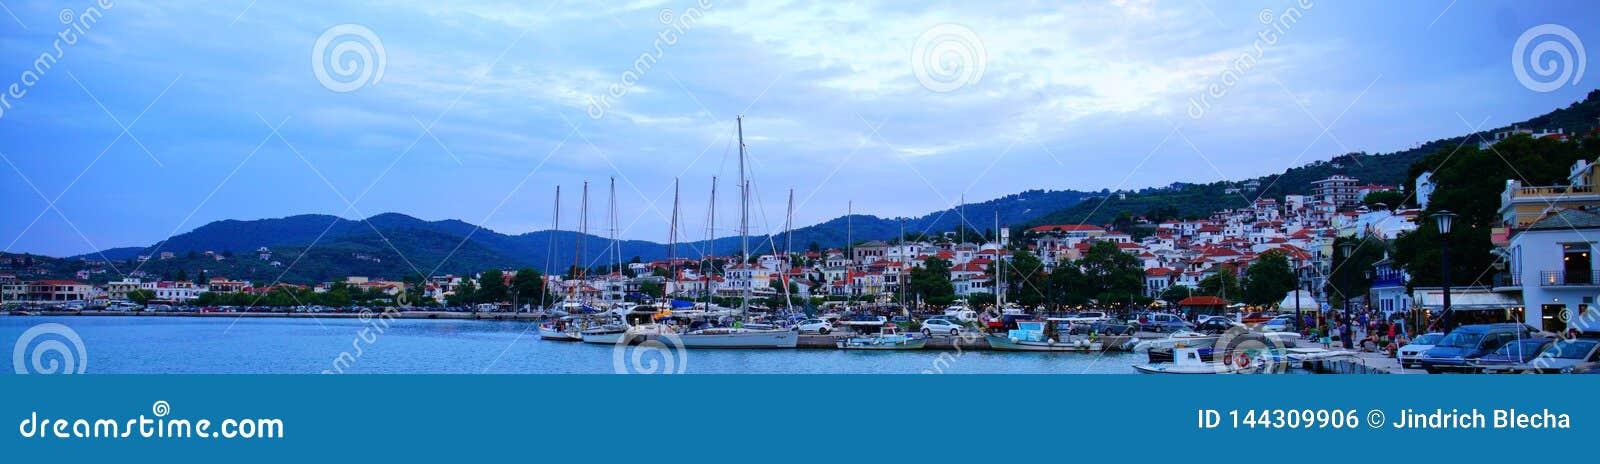 Grekland stad Scopelos på soluppgång